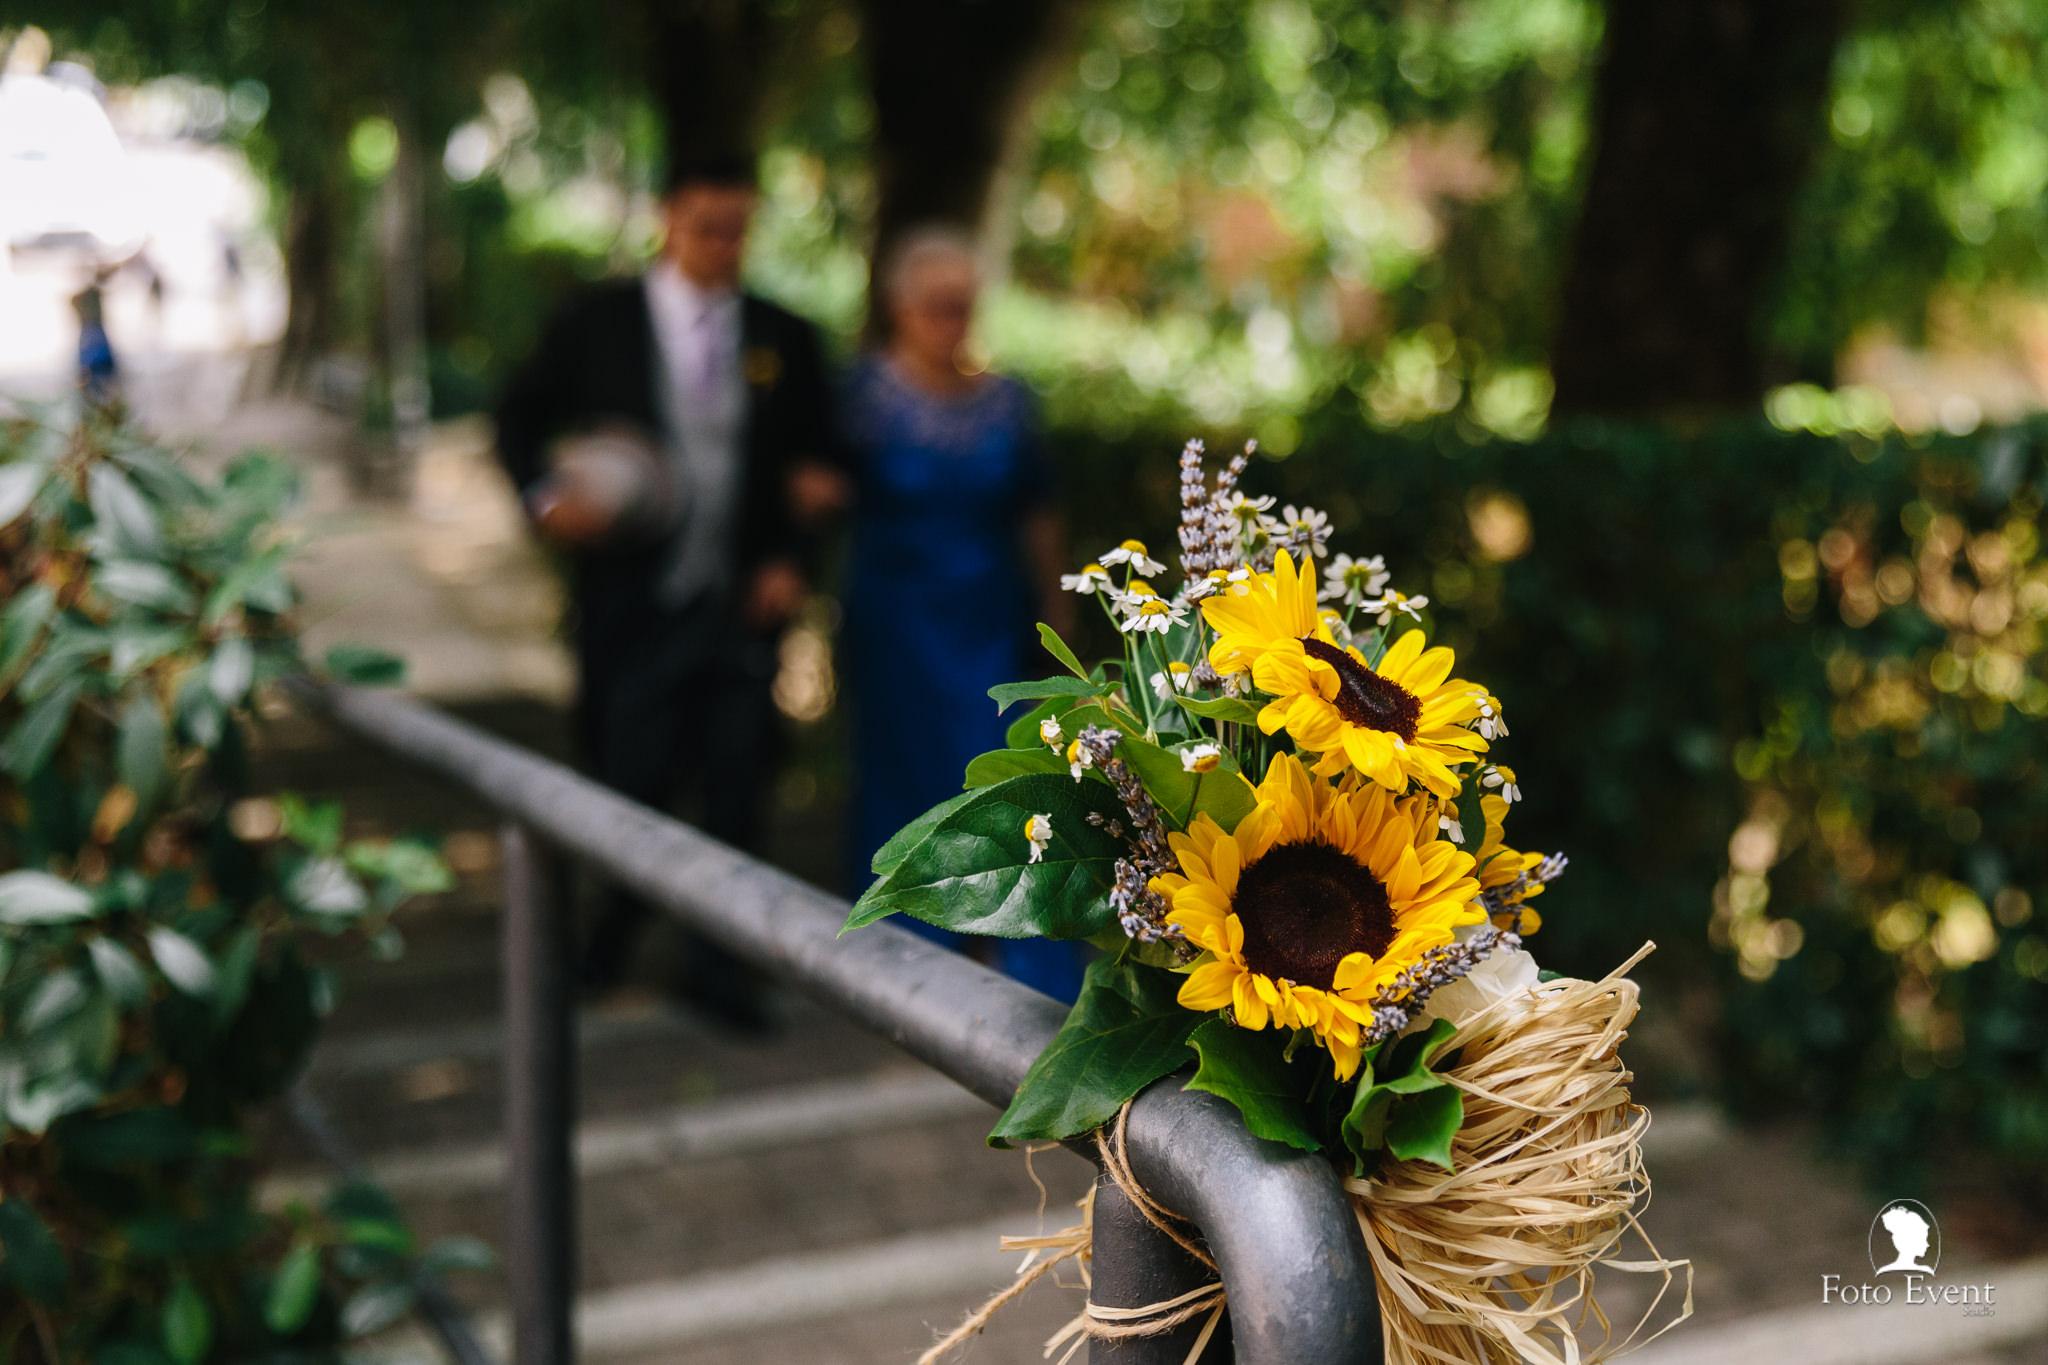 033-2019-07-27-Matrimonio-Valentina-e-Alessandro-Pettinari-5DE-494